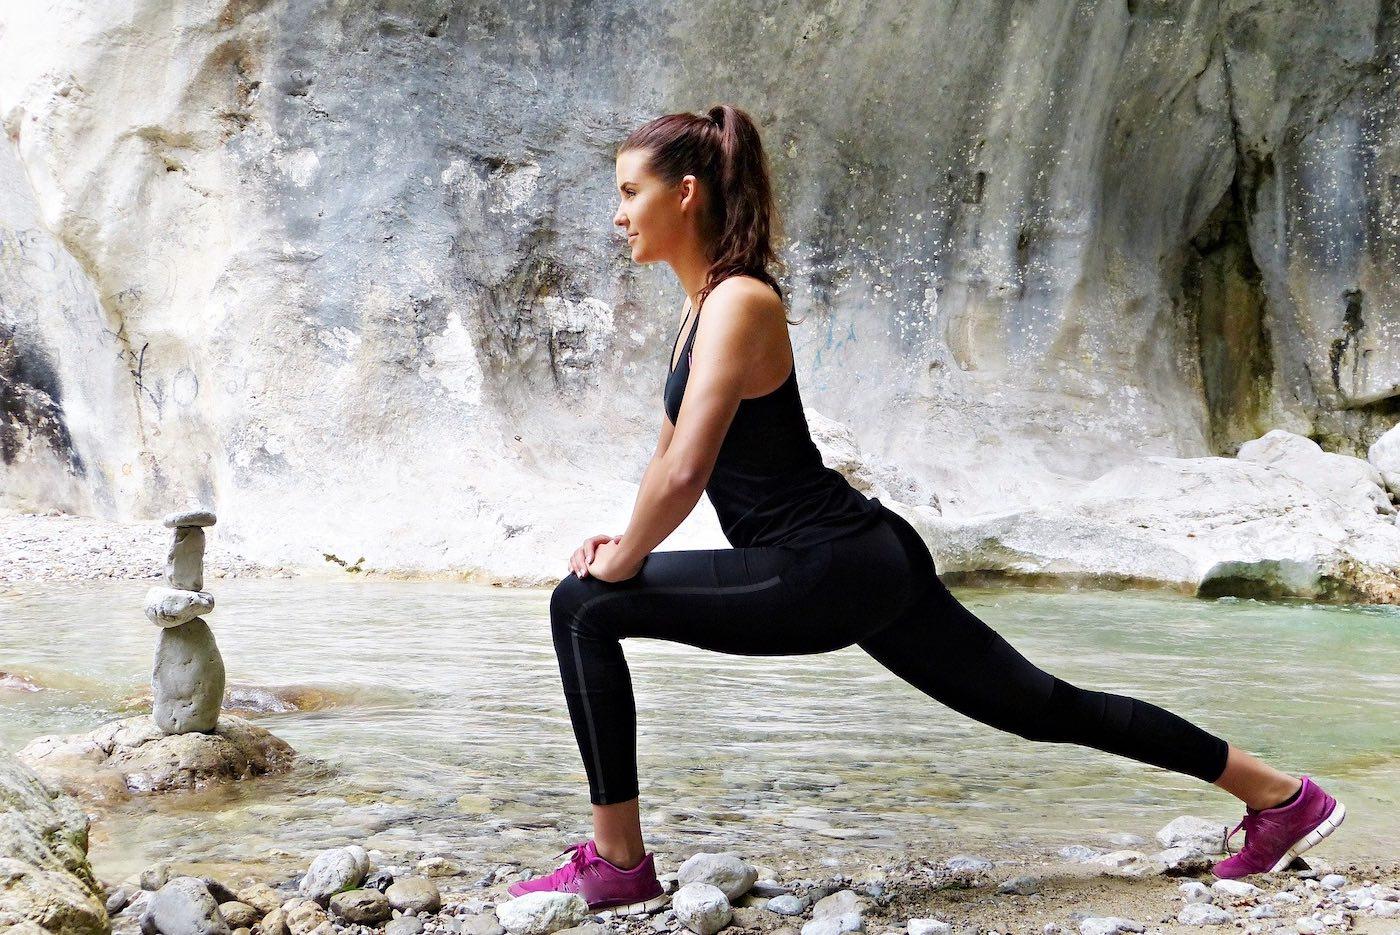 Gisela Intimates señala las principales razones para hacer ejercicio usando la ropa deportiva adecuada.